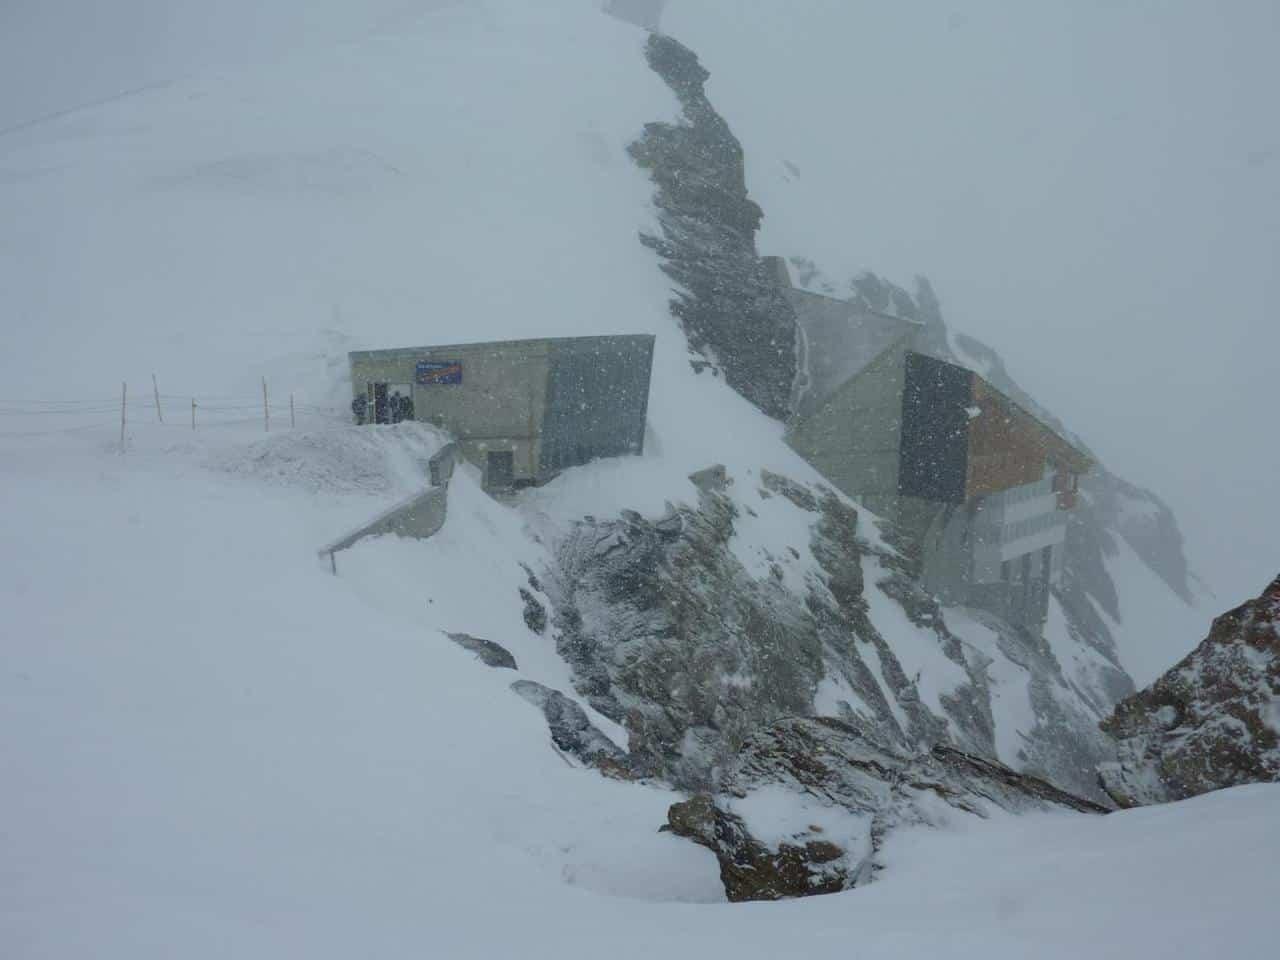 Aussichtsplattform mit Schneeflocken